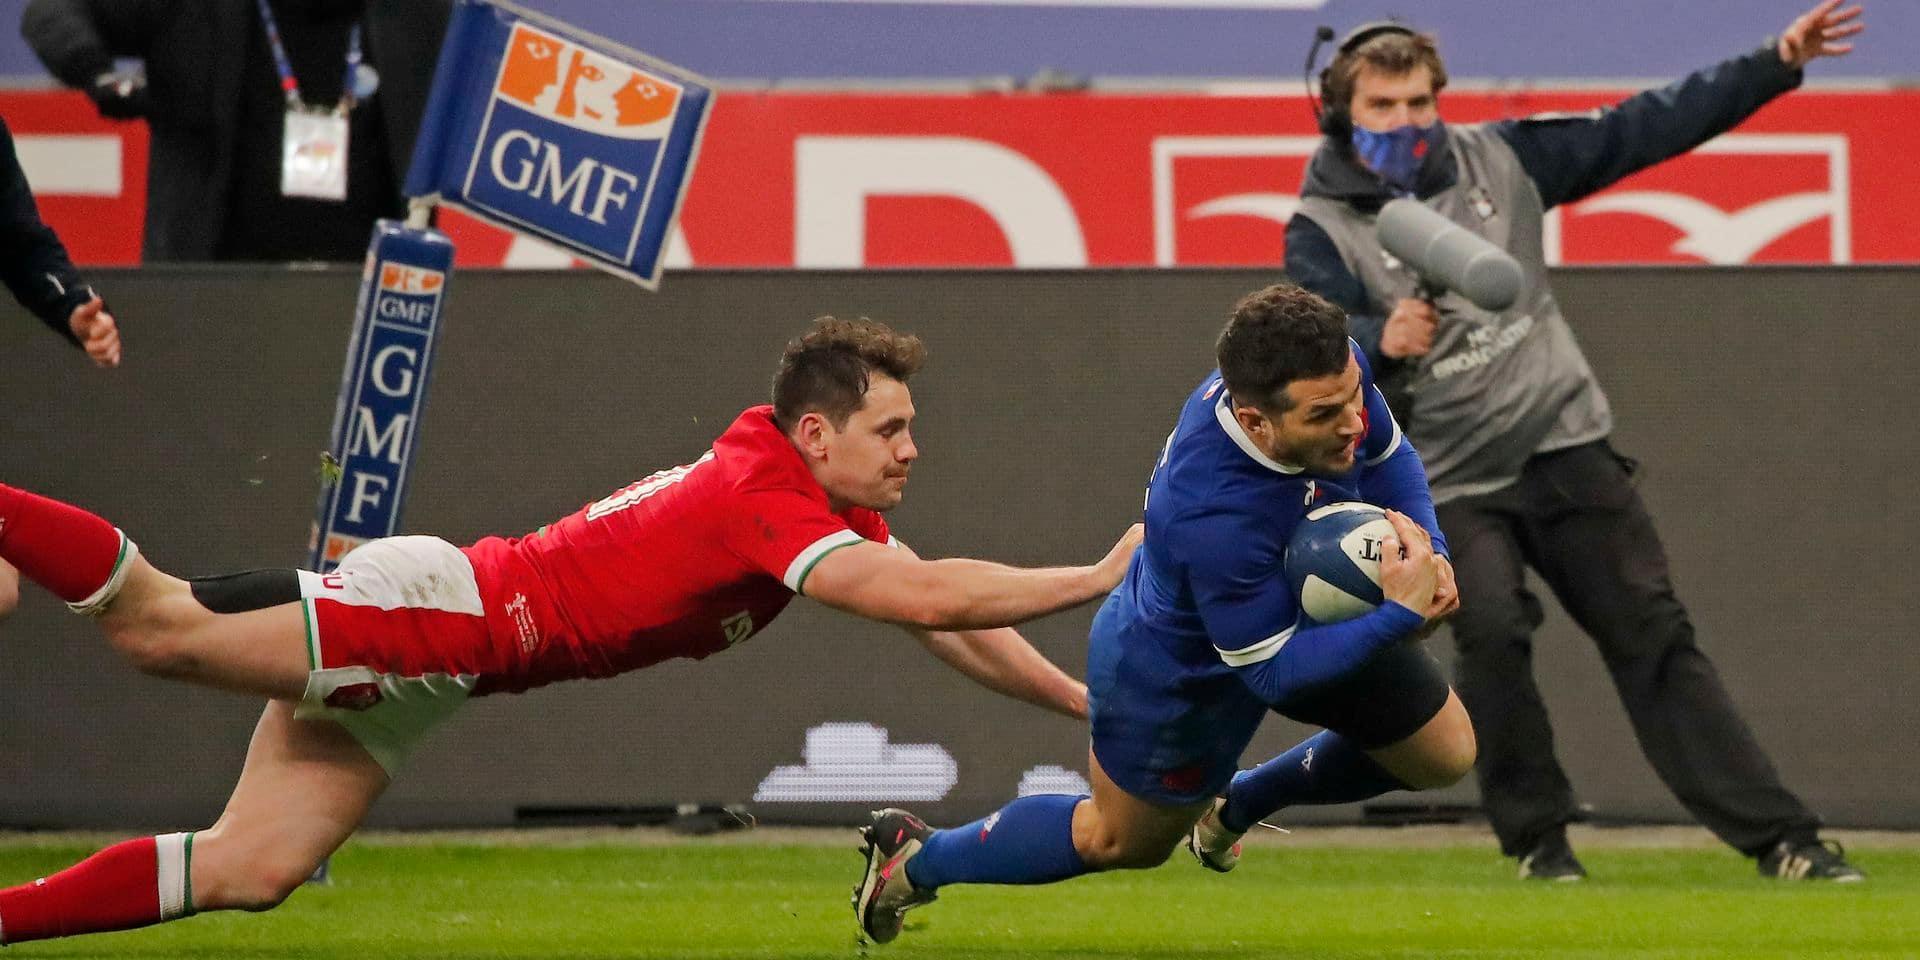 Une fin de match renversante permet aux Bleus d'encore rêver